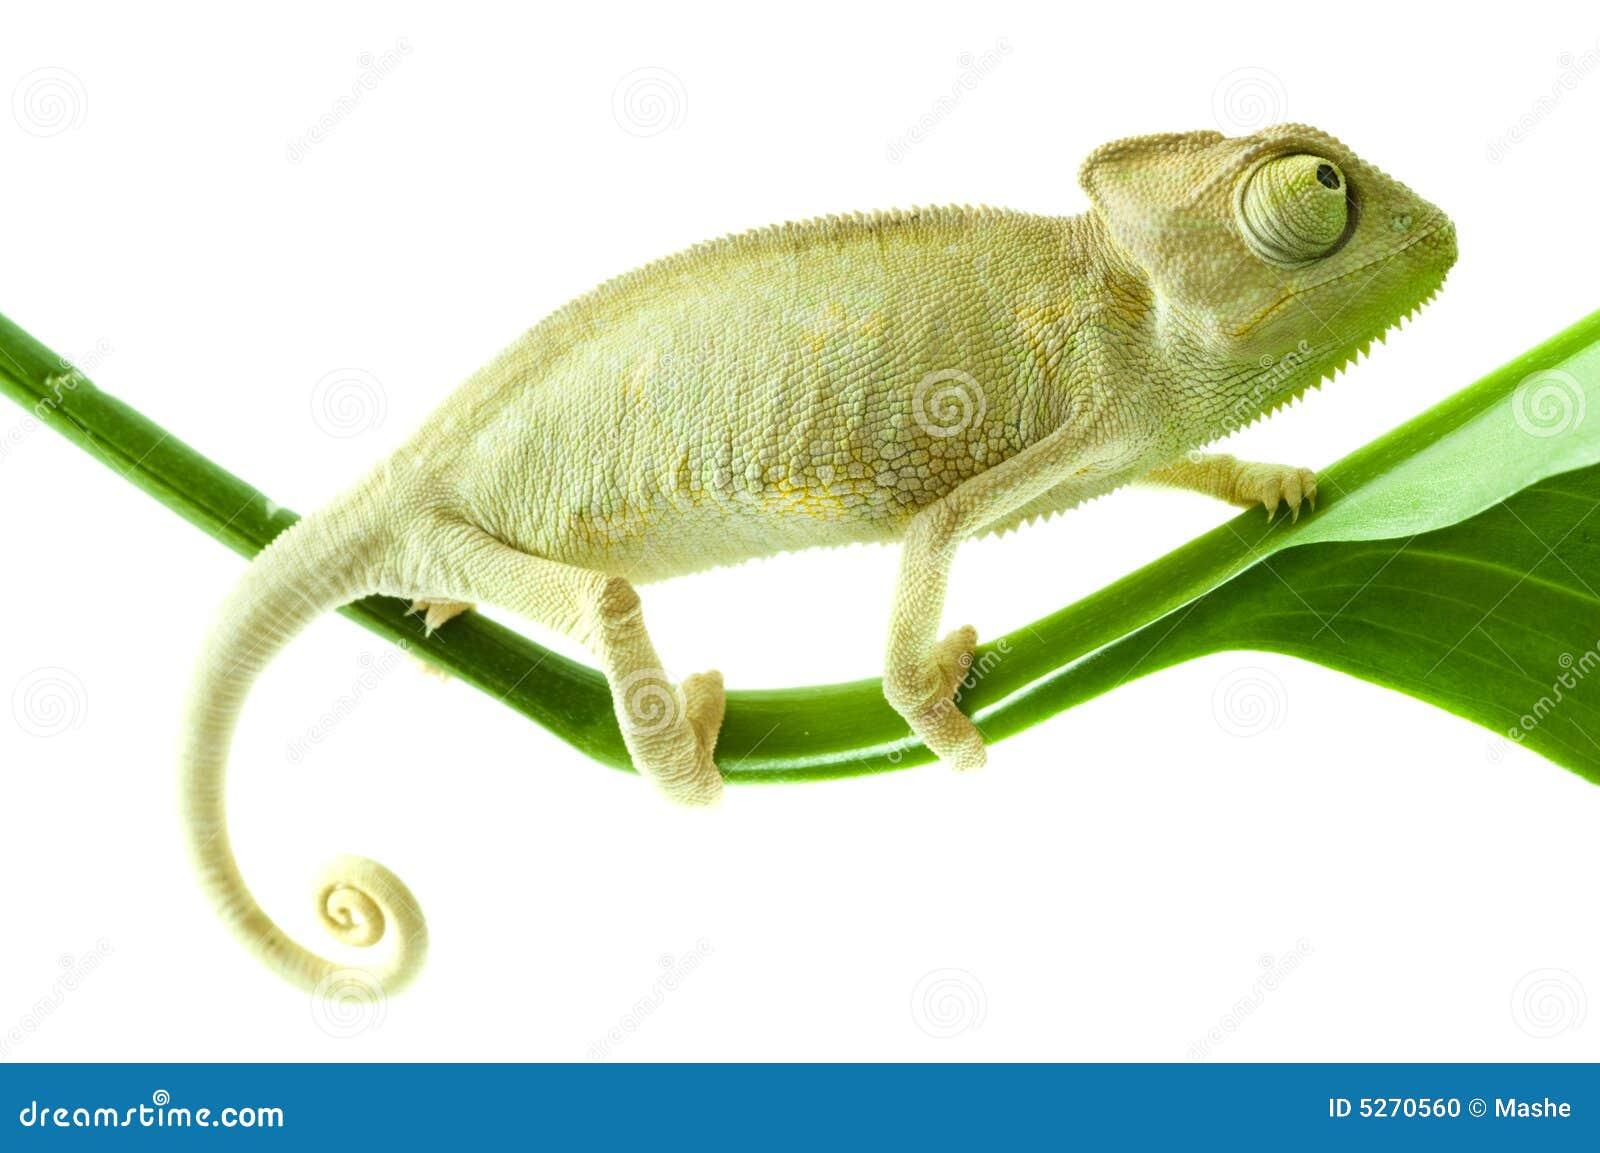 Chameleon on flower.